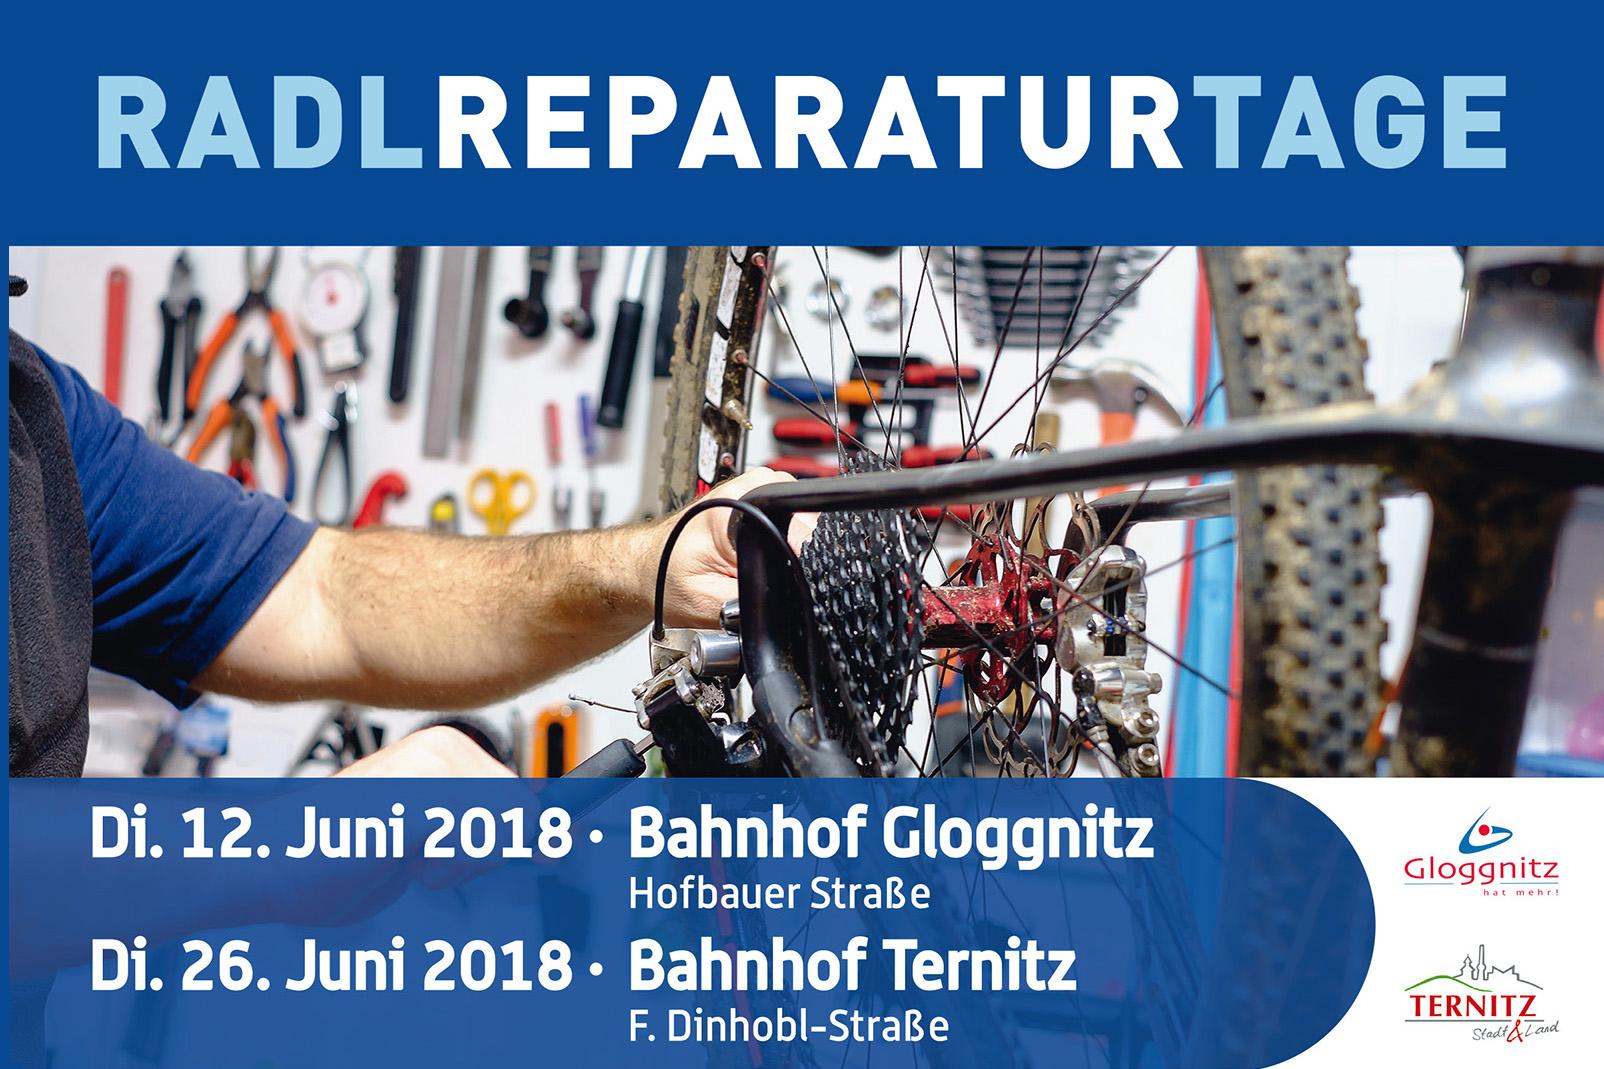 Radreparaturtag, Ternitz